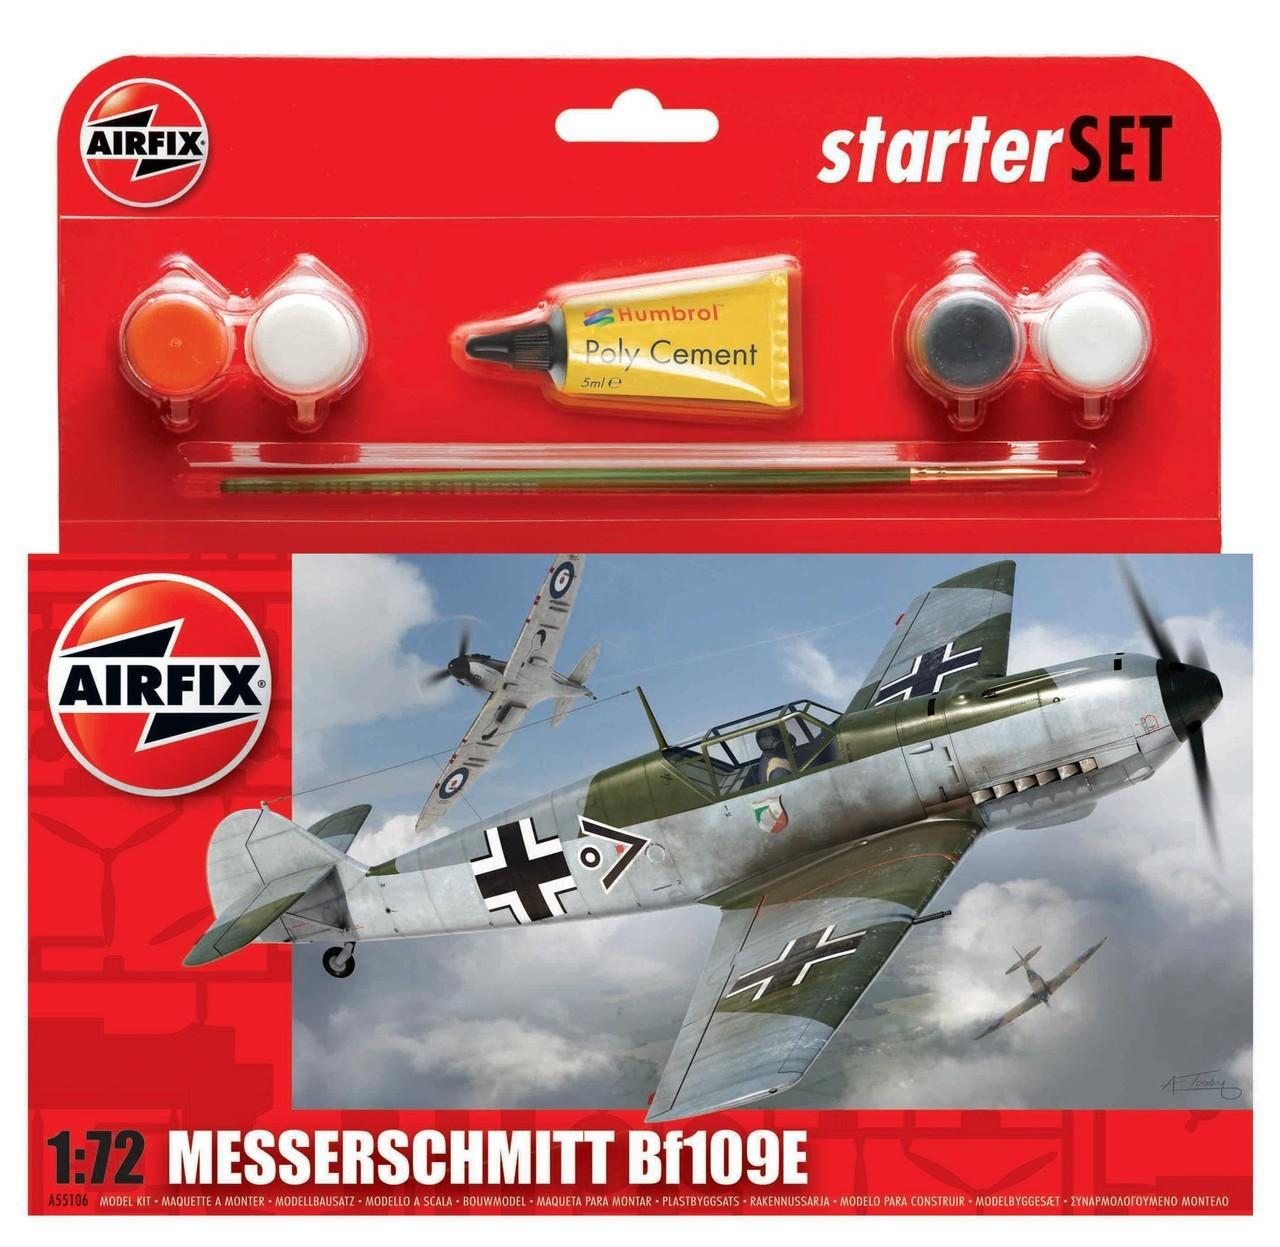 Airfix Messerschmitt Bf109E-3 Starter Set 1/72 Model Kit image